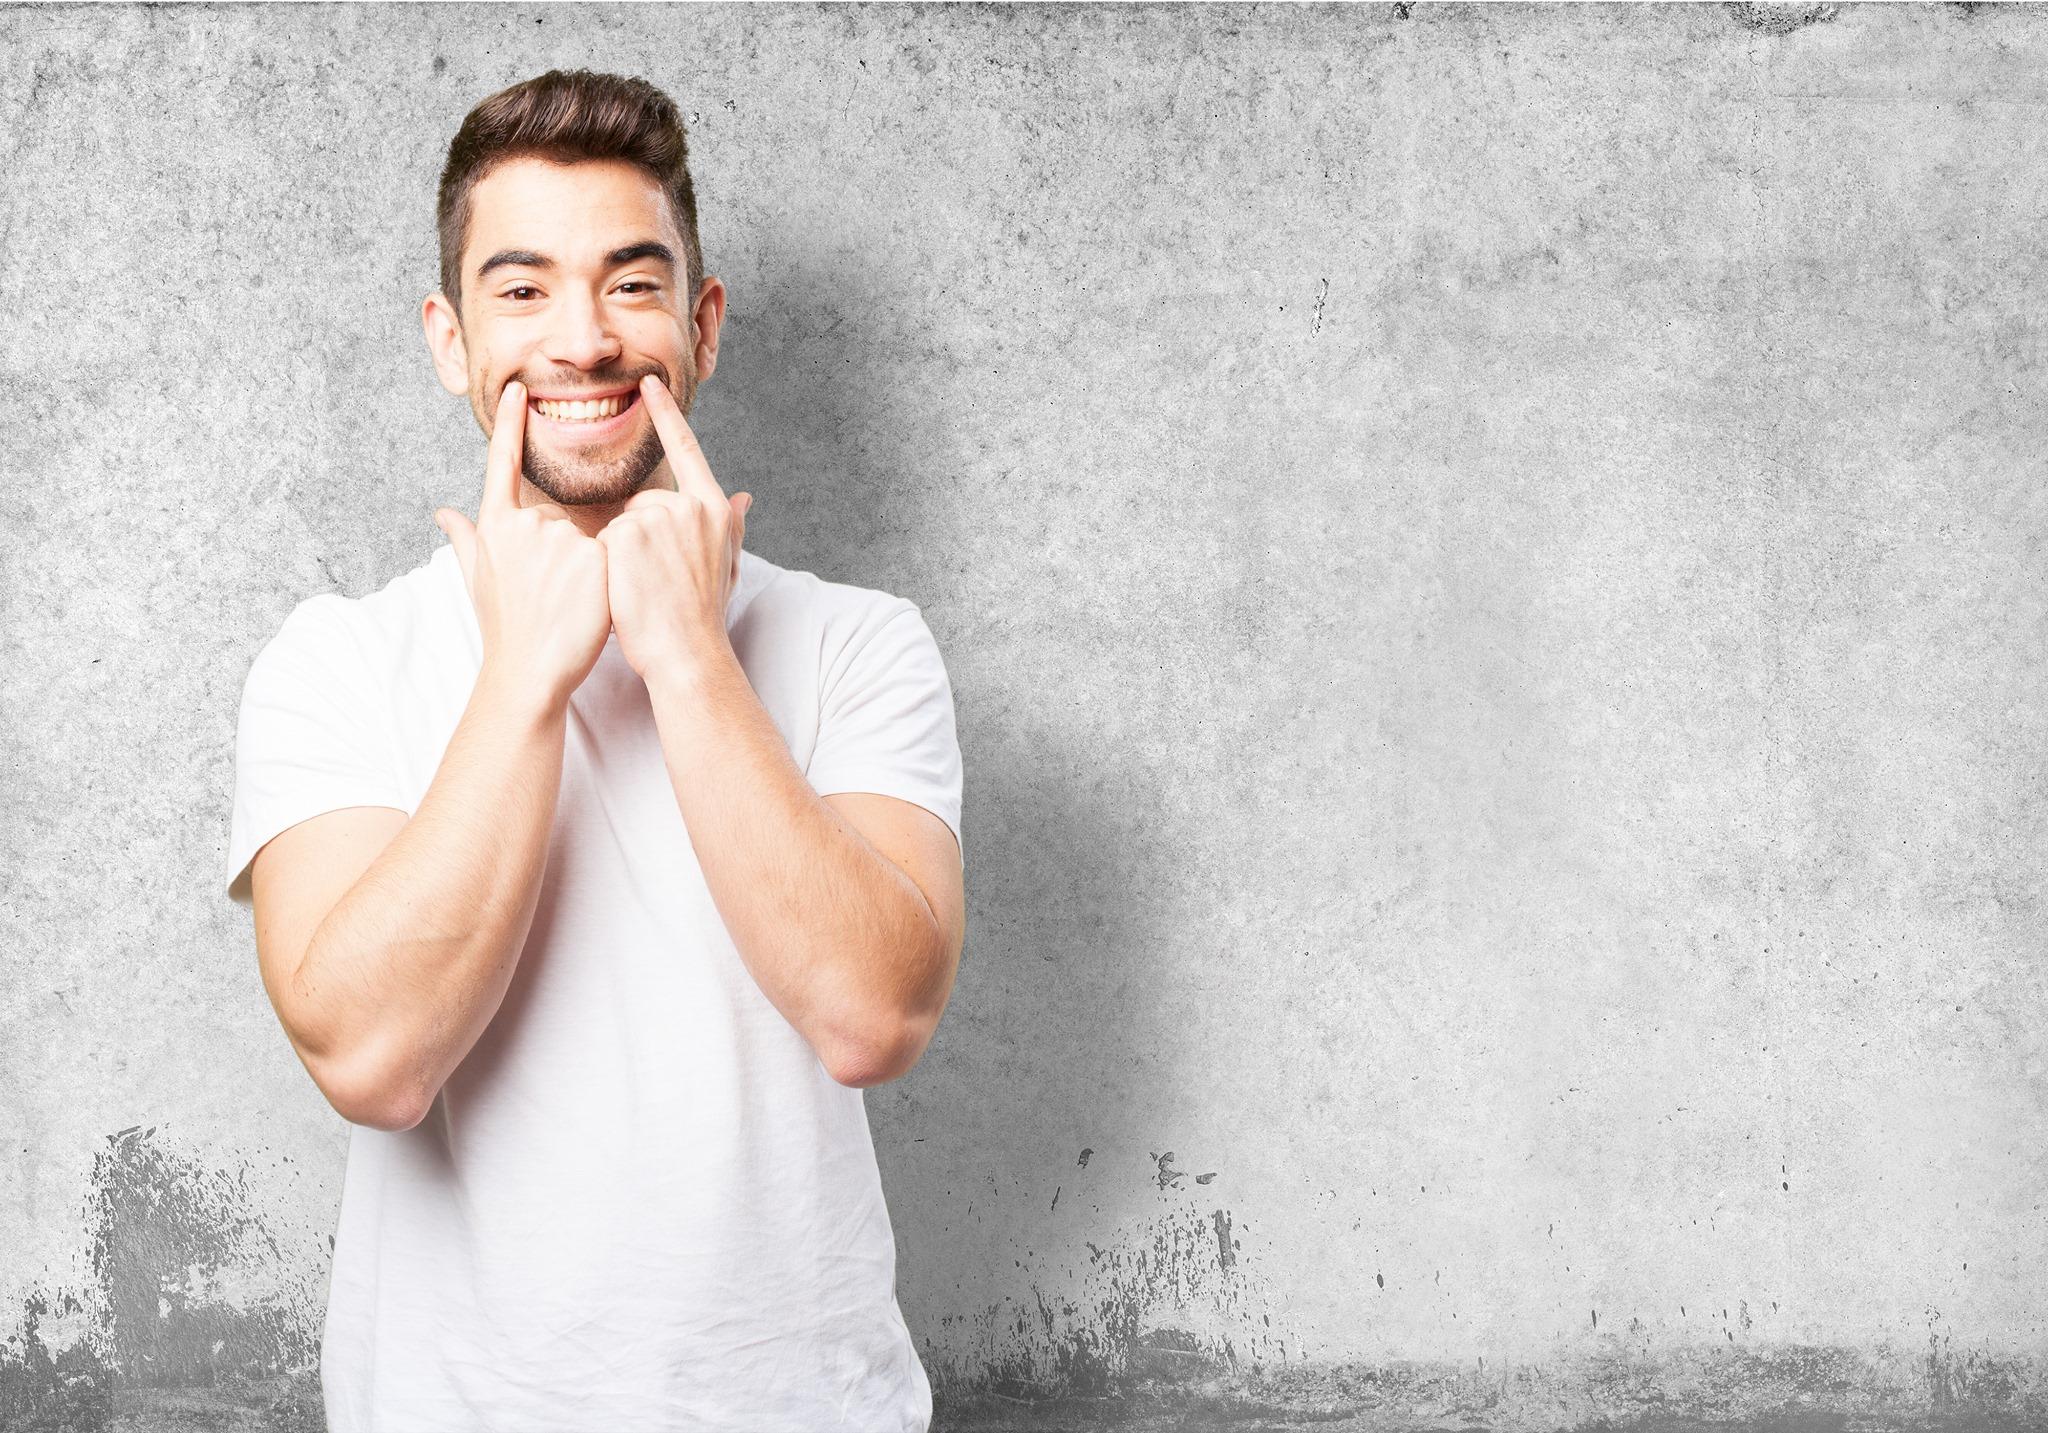 Apparecchio invisibile: la nuova frontiera dell'ortodonzia